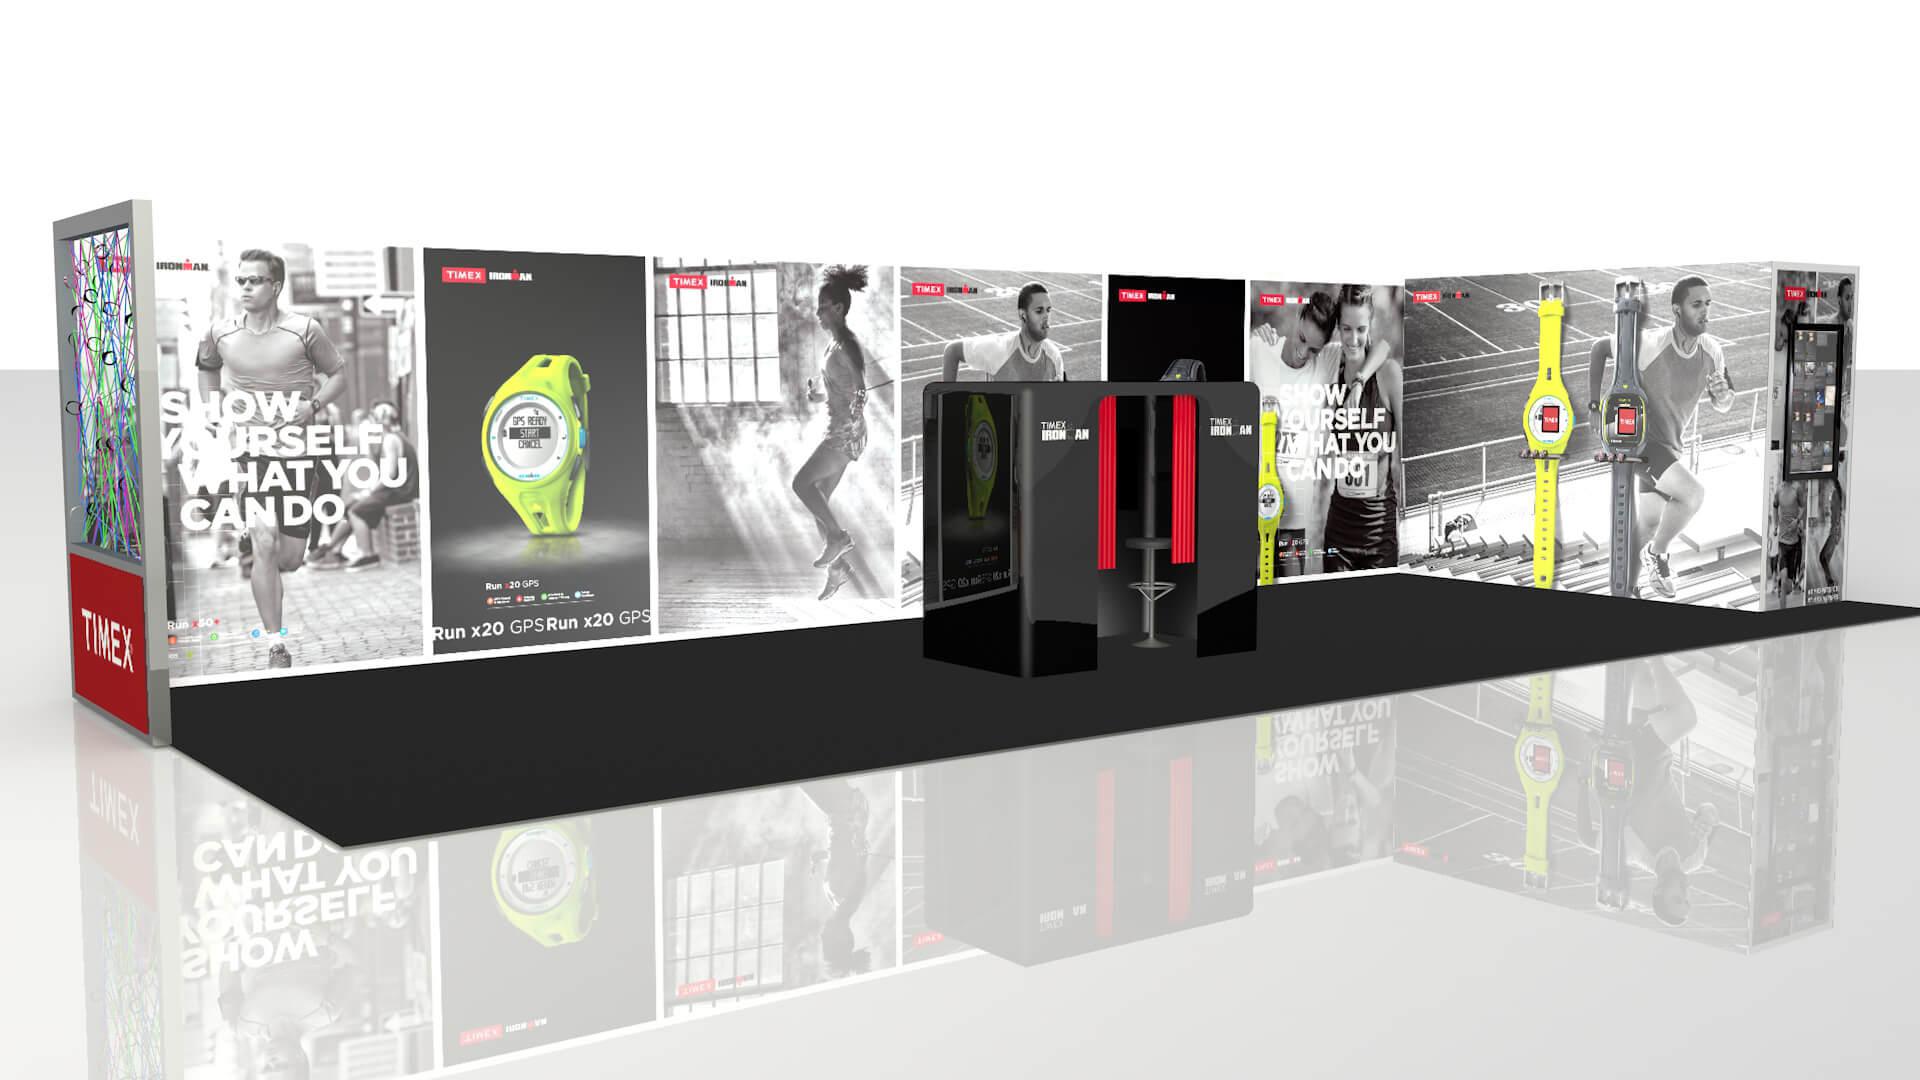 timex london marathon stand design